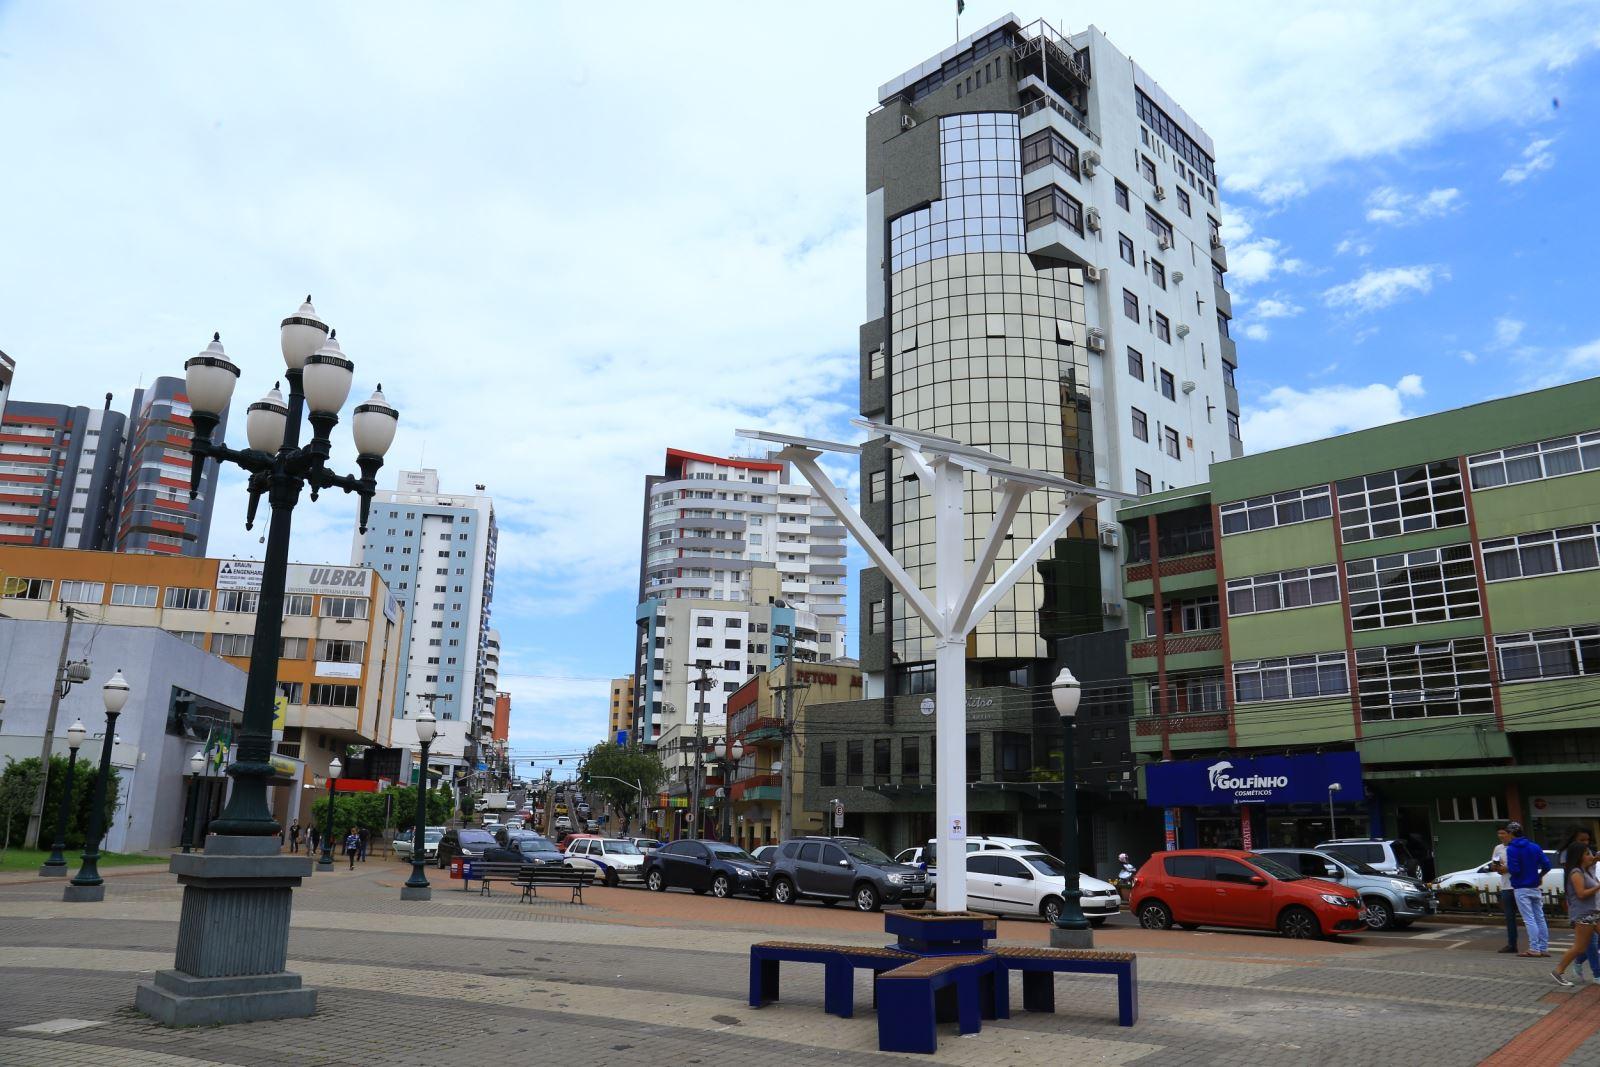 Árvore digital com Wi-Fi movida a energia solar é instalada em várias cidades do País.